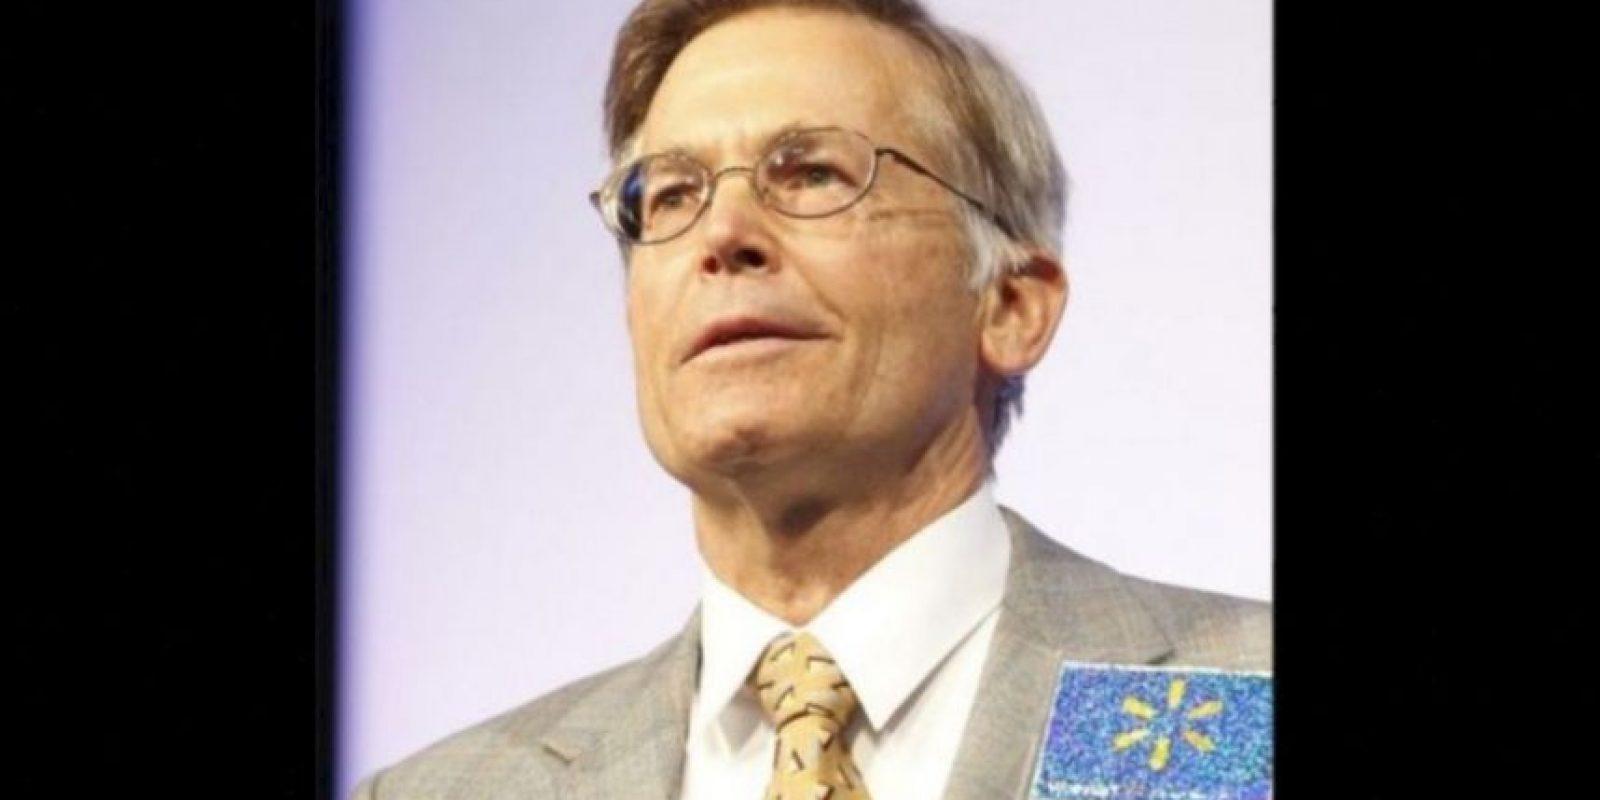 9. Jim Walton, de 67 años. Su fortuna se estima en 40 mil 600 millones de dólares Foto:Getty Images. Imagen Por: